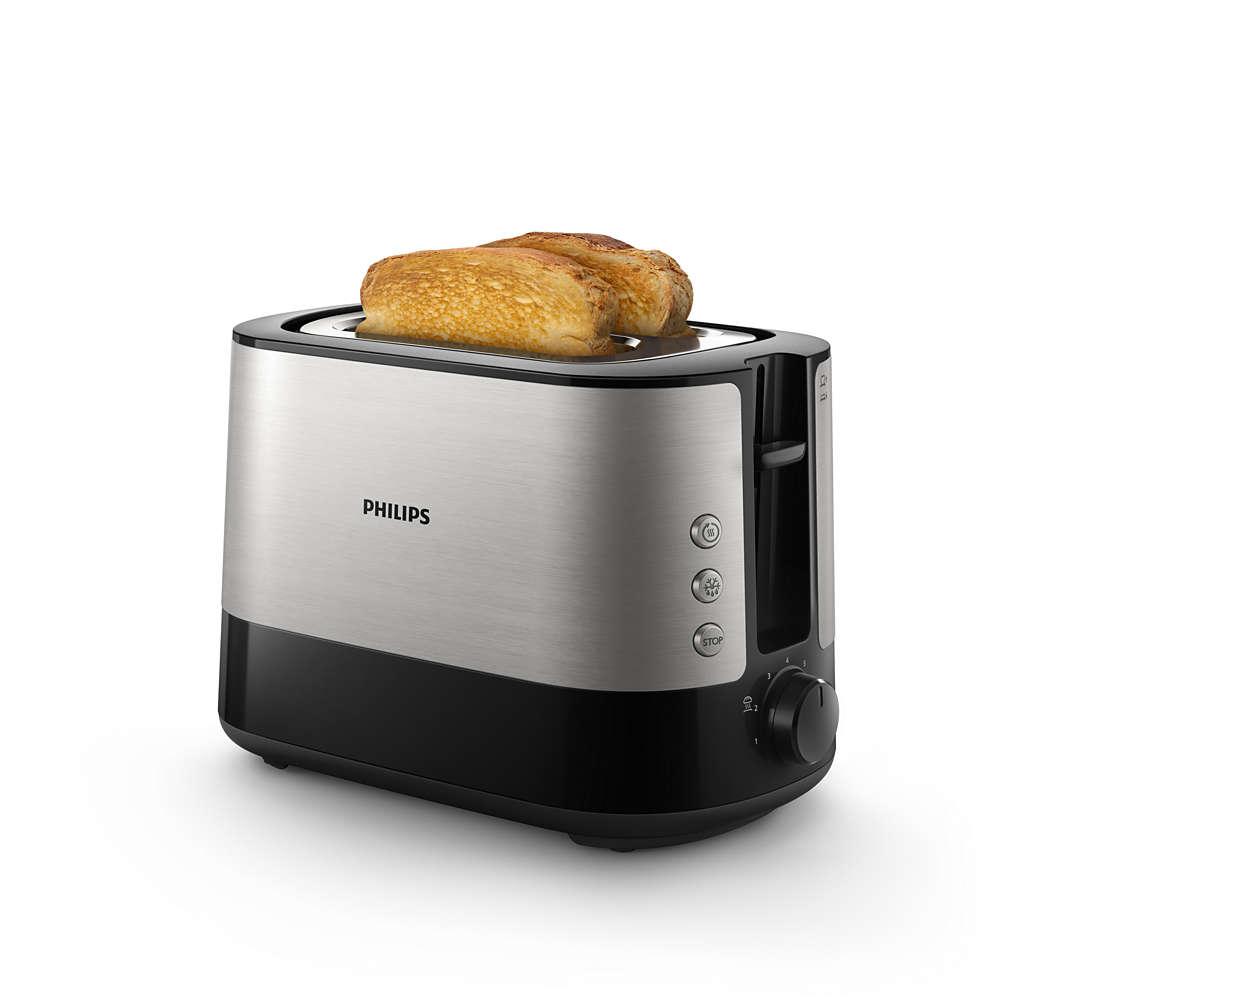 Chutná chrumkavá hrianka zakéhokoľvek krajca chleba